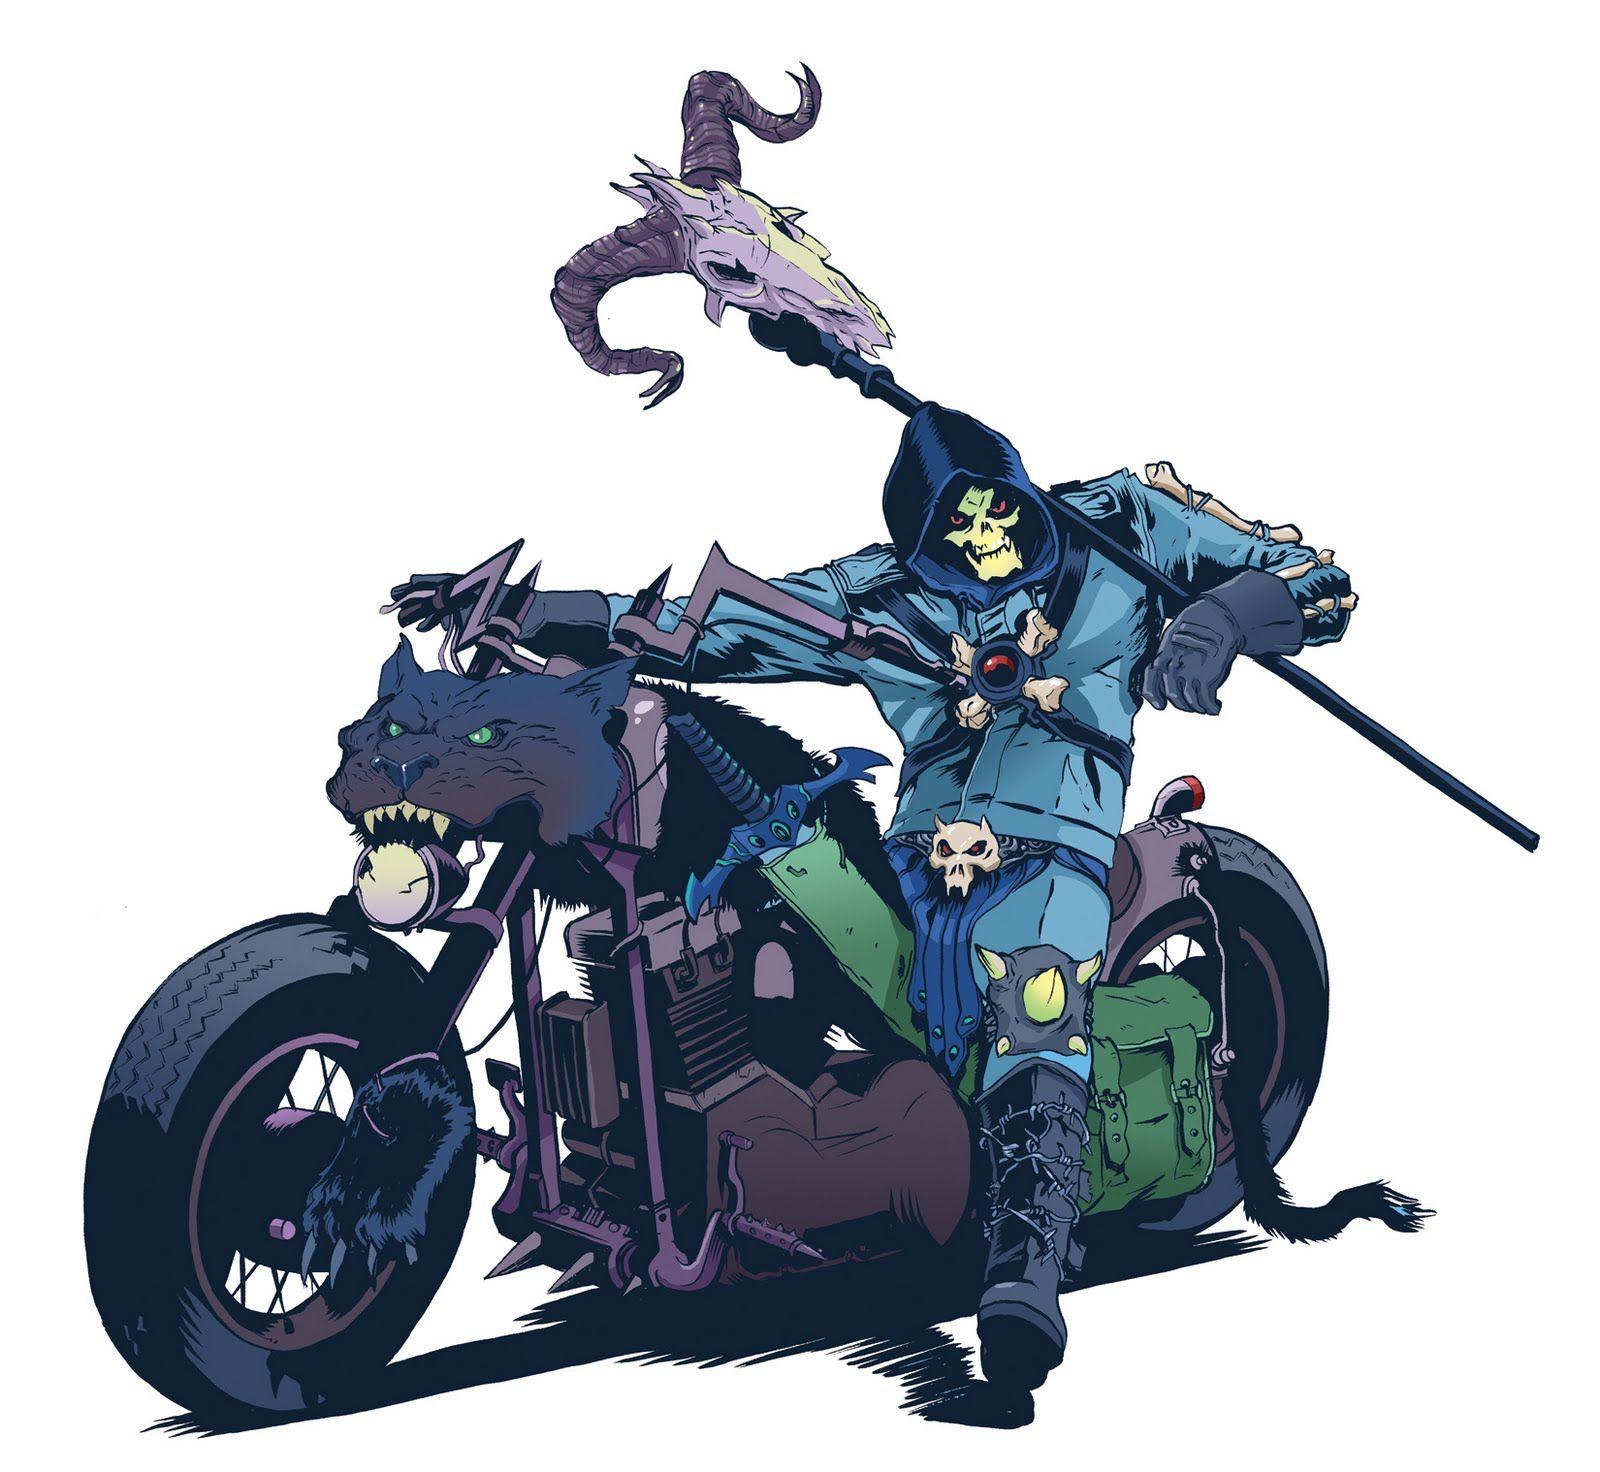 The Flying Bloghouse: Skeletor!